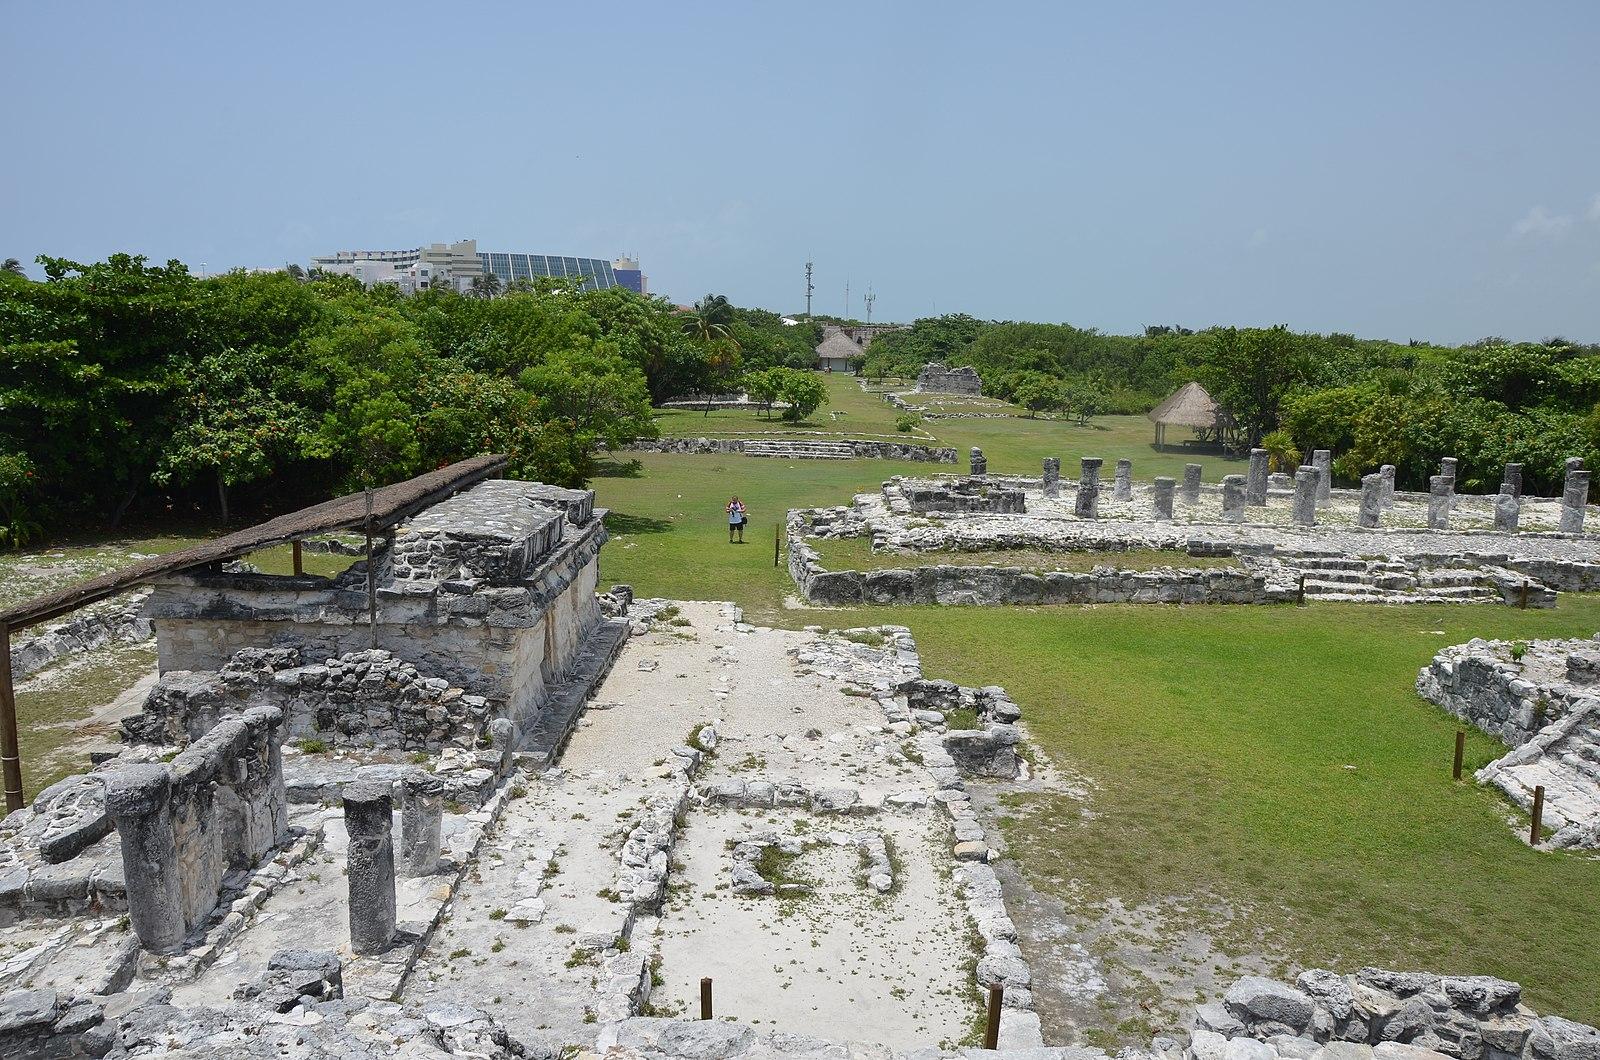 El Rey Ruins in Cancun